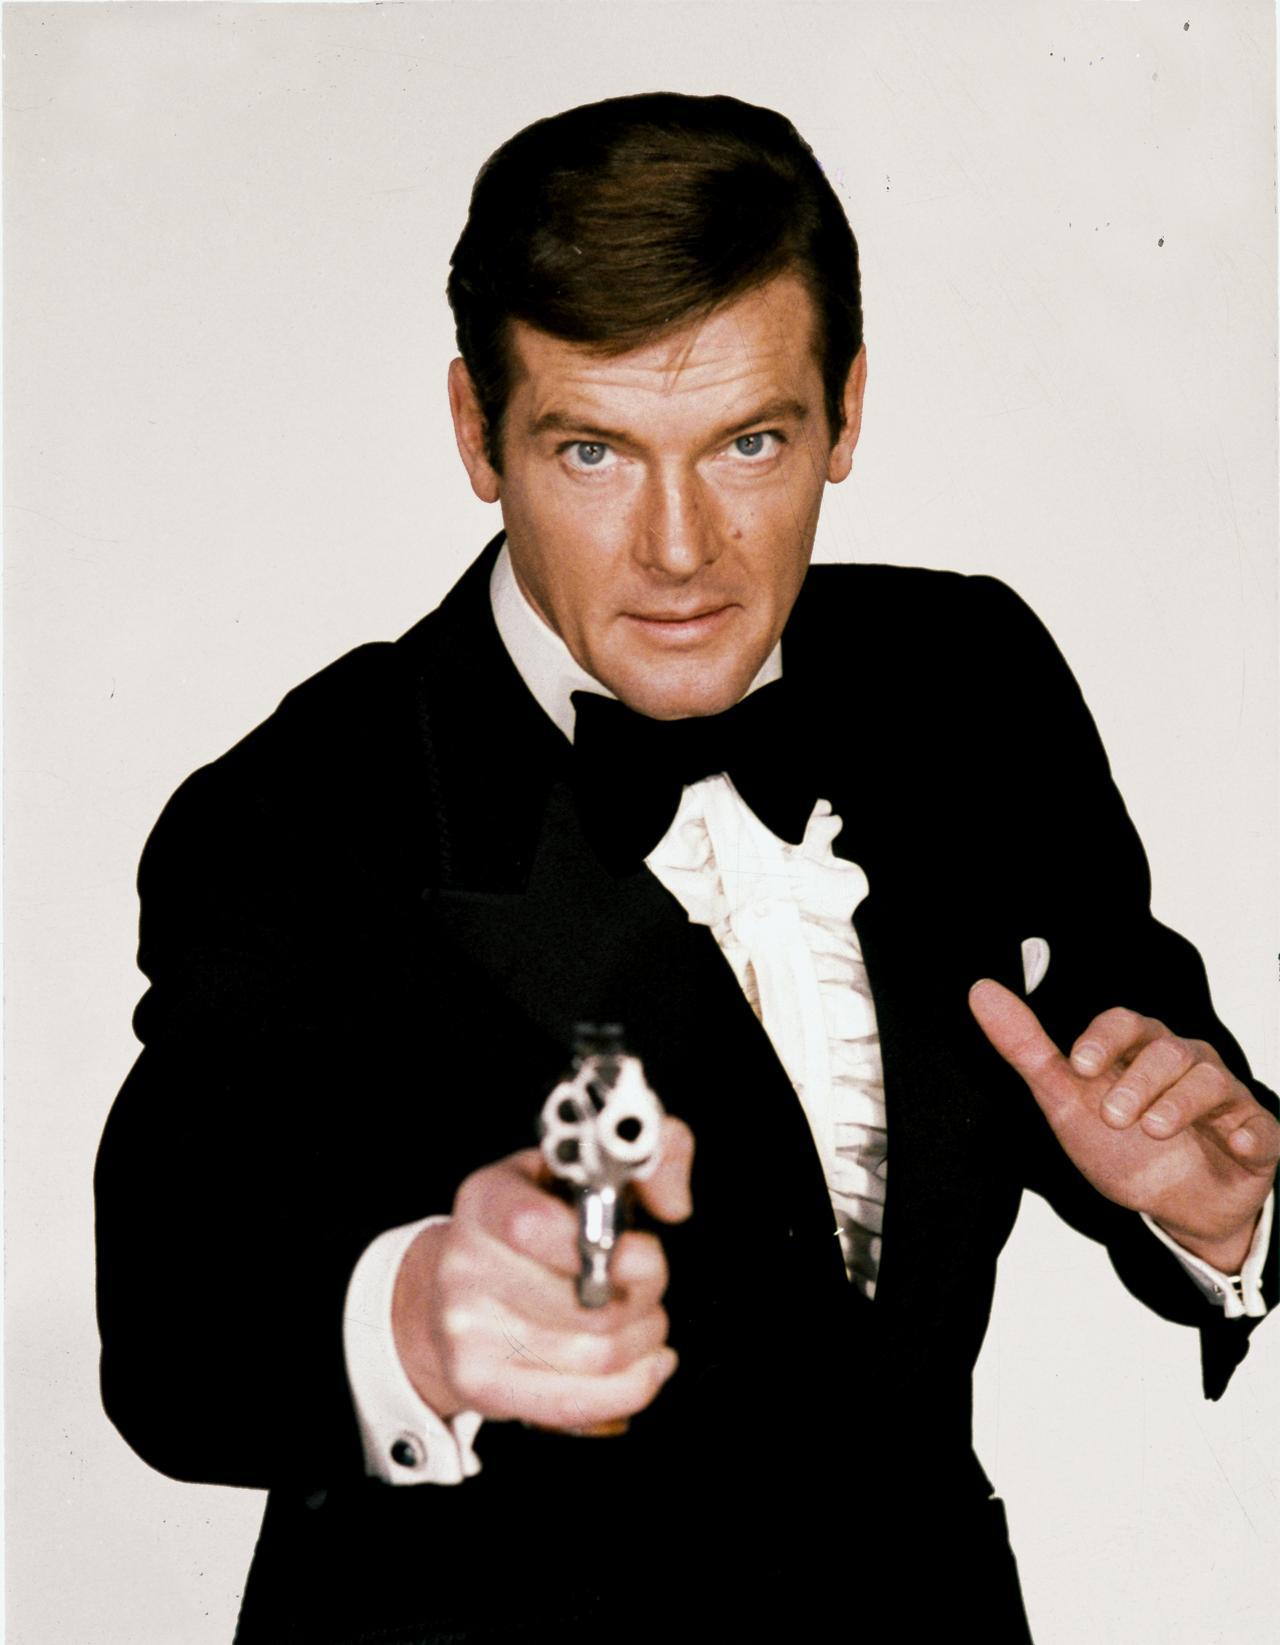 画像: 「007死ぬのは奴らだ」のロジャー・ムーア (C) Metro-Goldwyn-Mayer Studios Inc. All Rights Reserved.